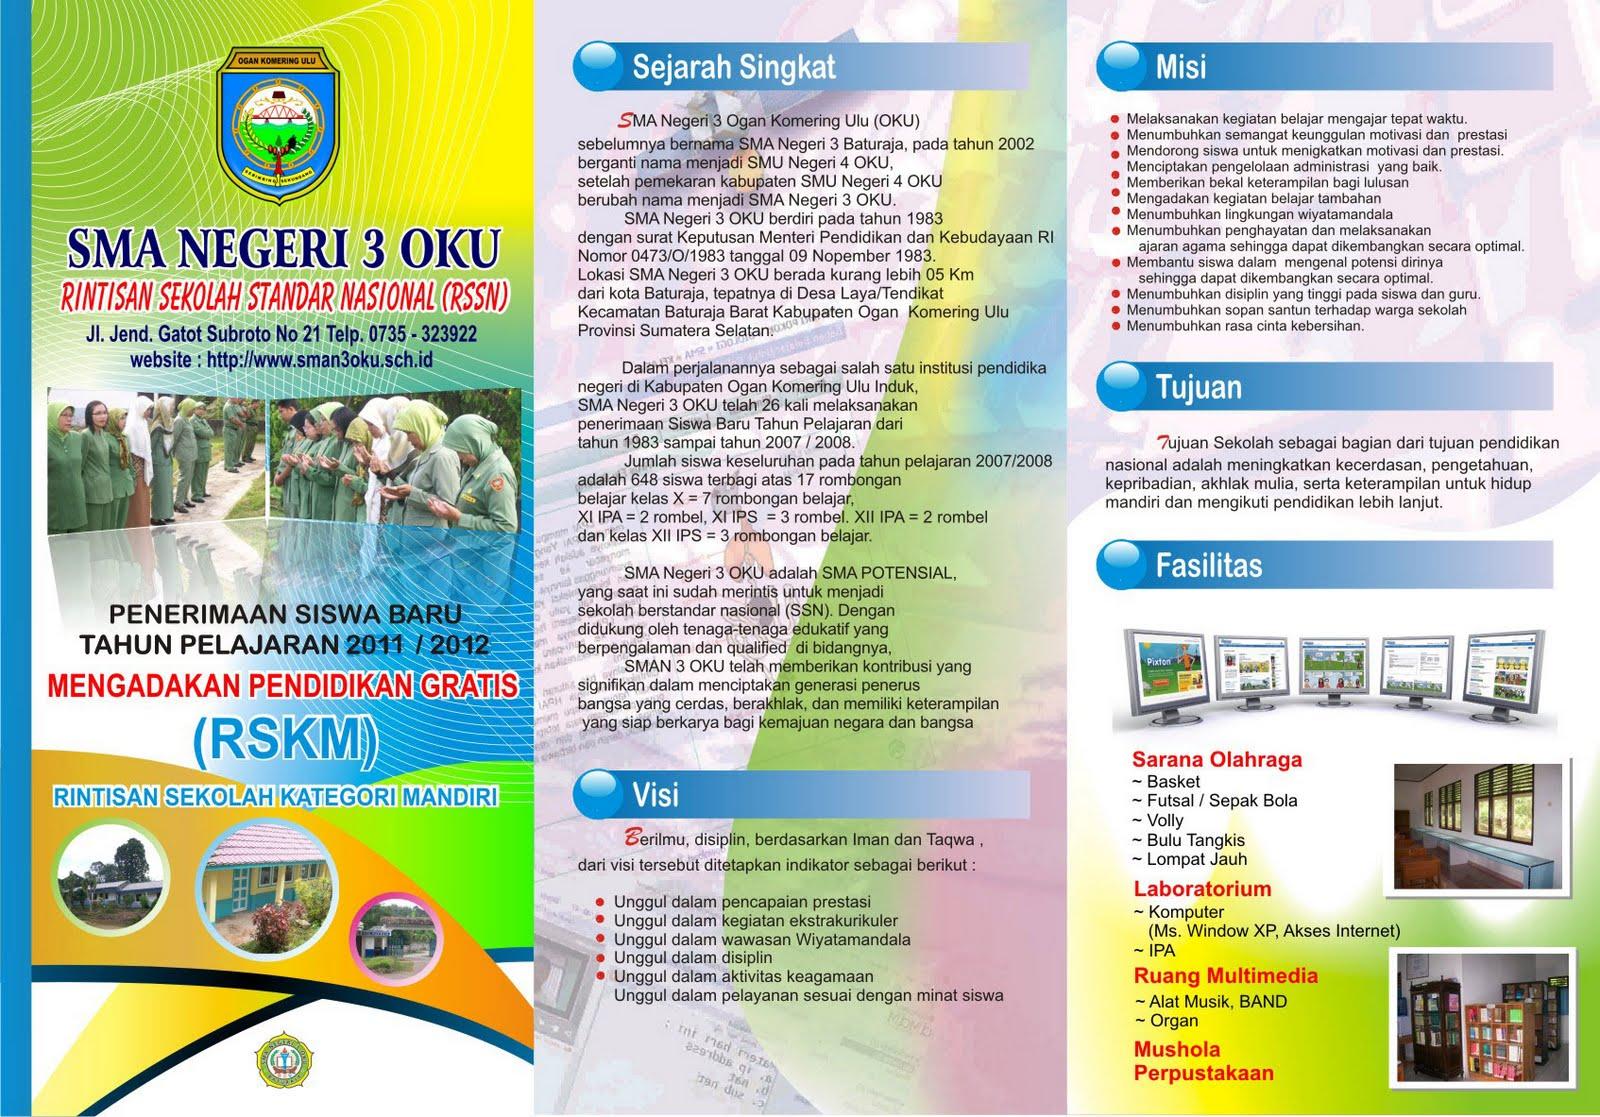 [KREATIF!] 51 Contoh Brosur dalam Bahasa Inggris, Pamflet, Leaflet, Poster